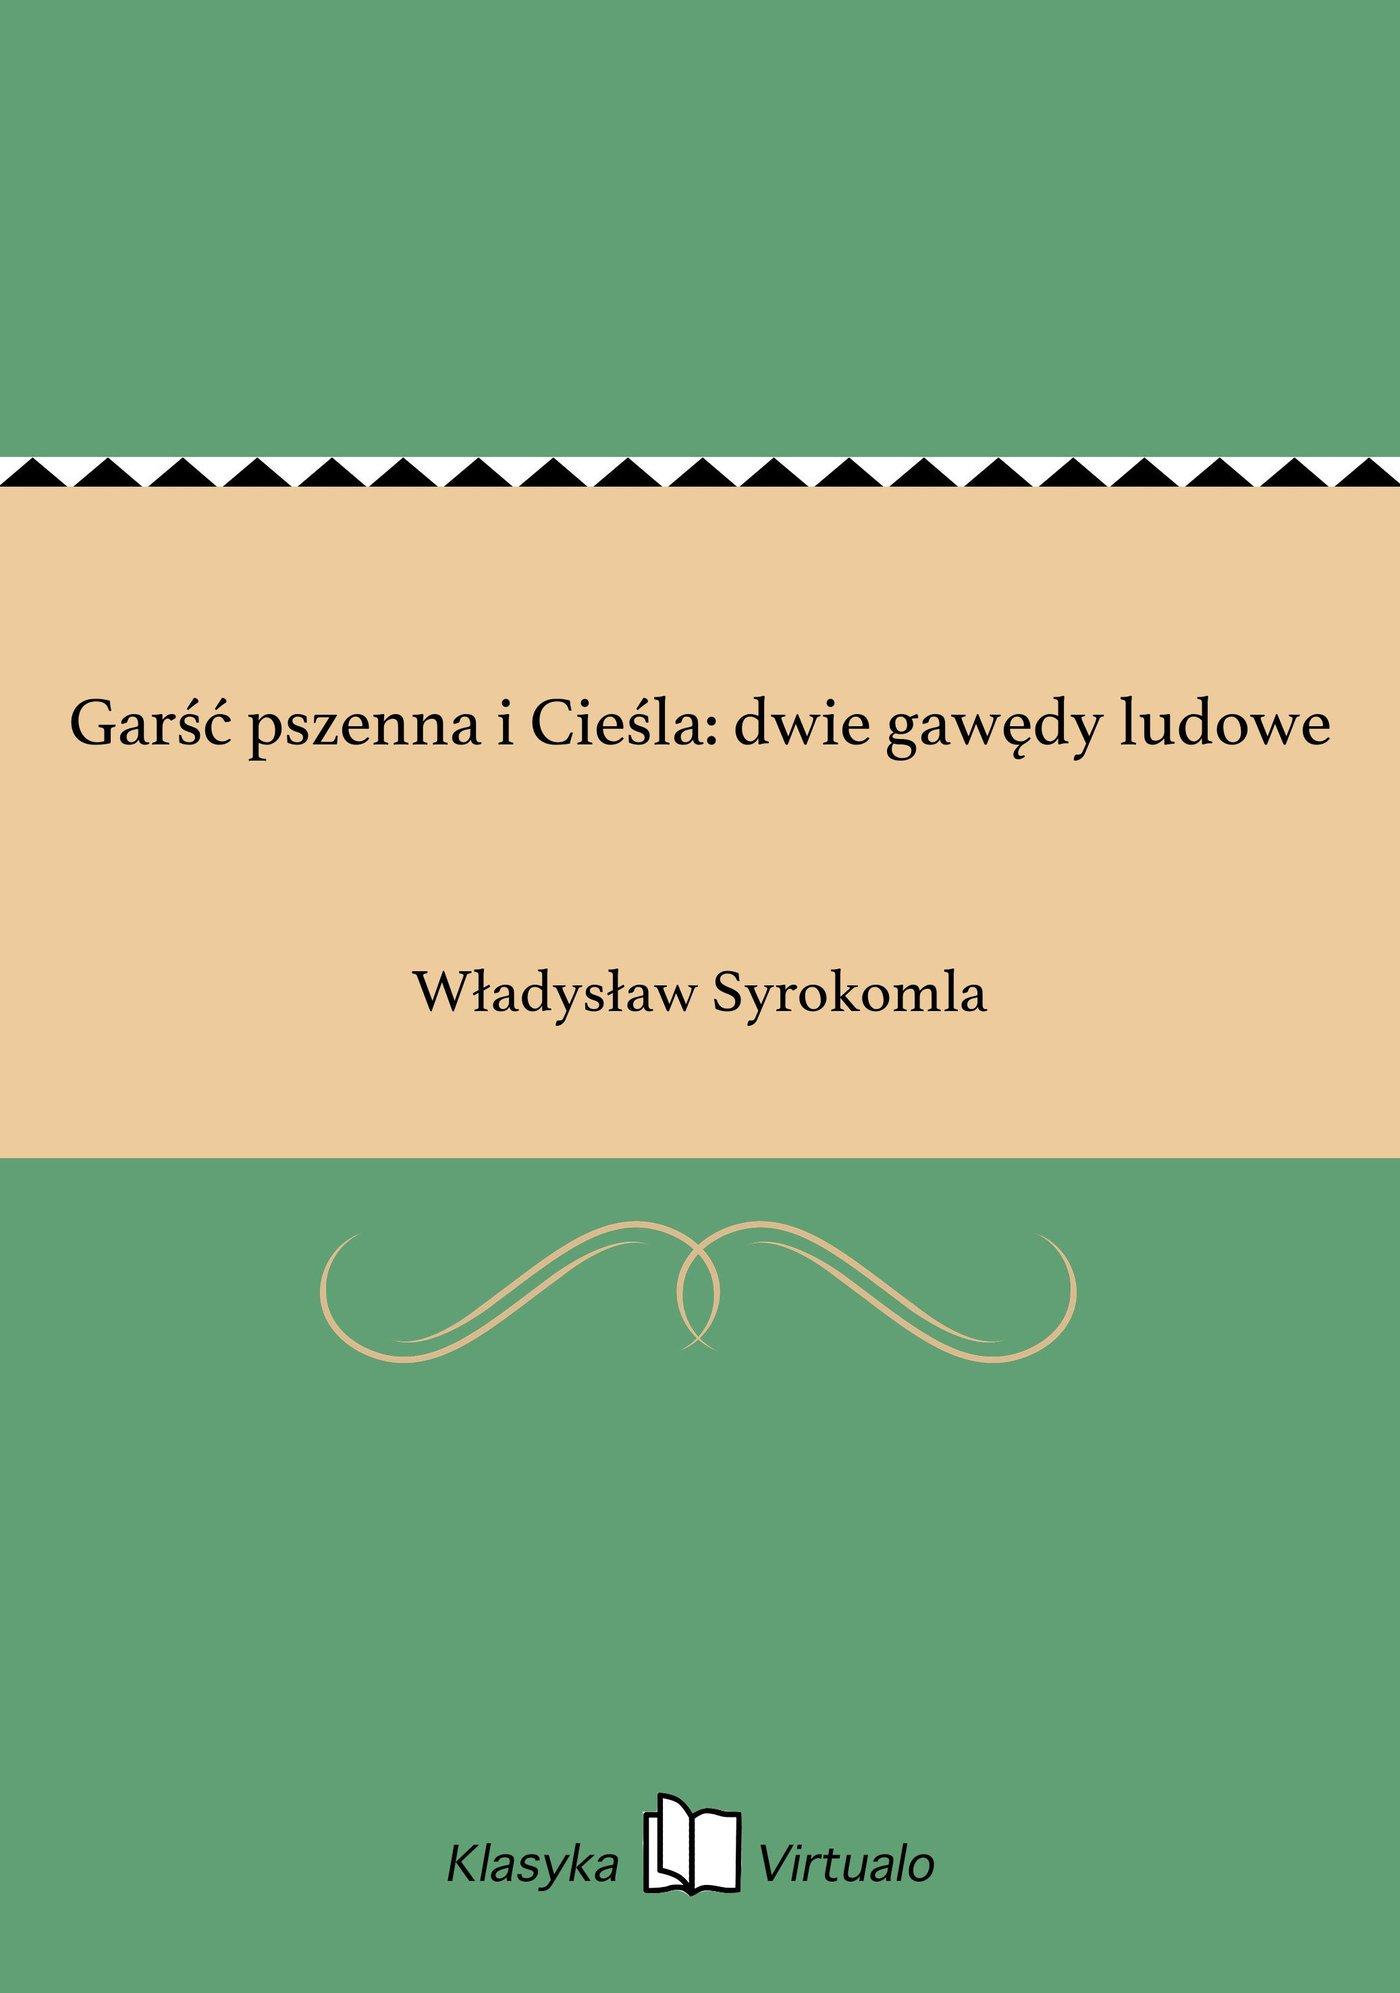 Garść pszenna i Cieśla: dwie gawędy ludowe - Ebook (Książka EPUB) do pobrania w formacie EPUB